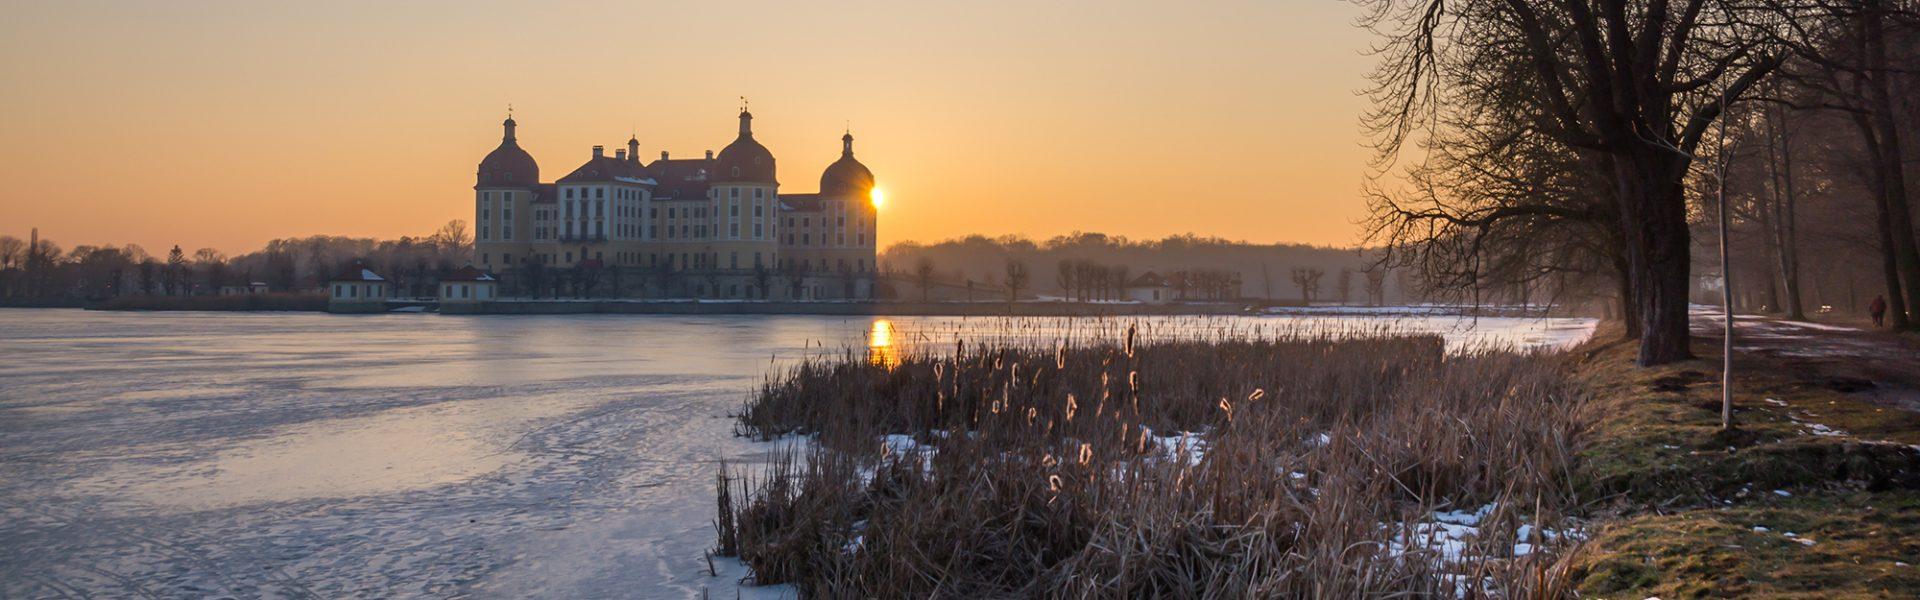 Schloss Moritzburg Sonnenuntergang